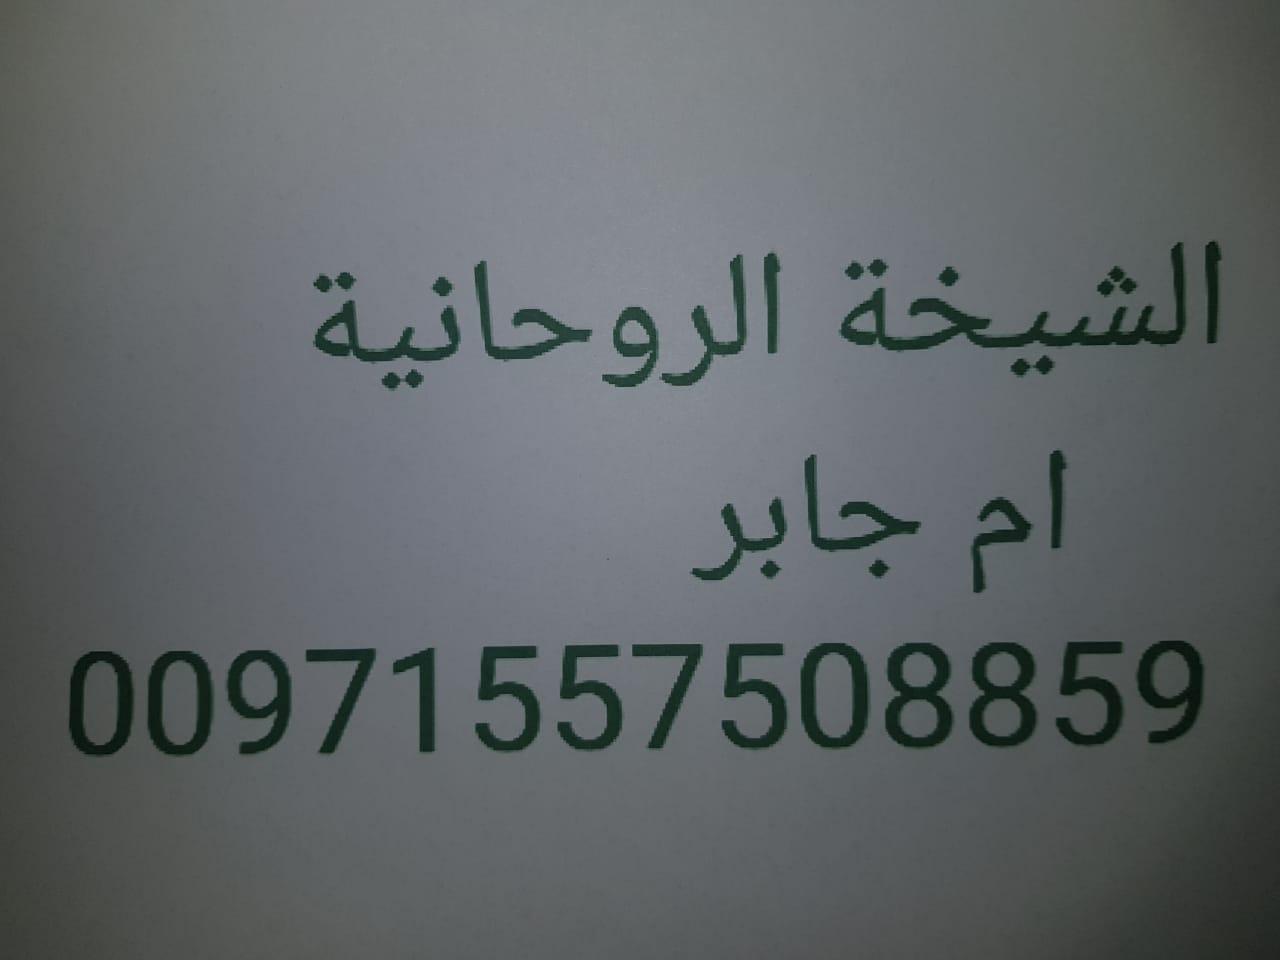 علاج المس والتلبس وفي السويد 00971557508859